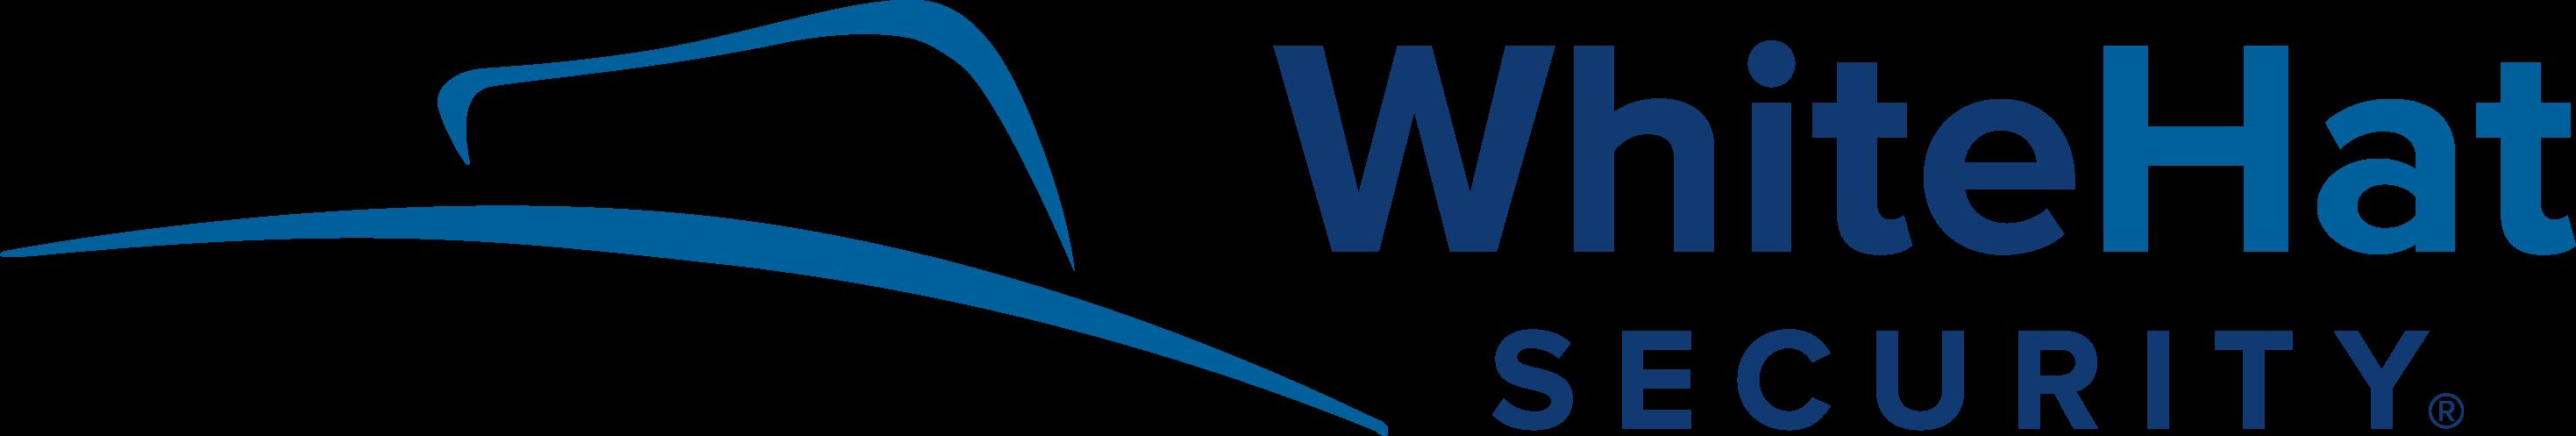 WhiteHat Security